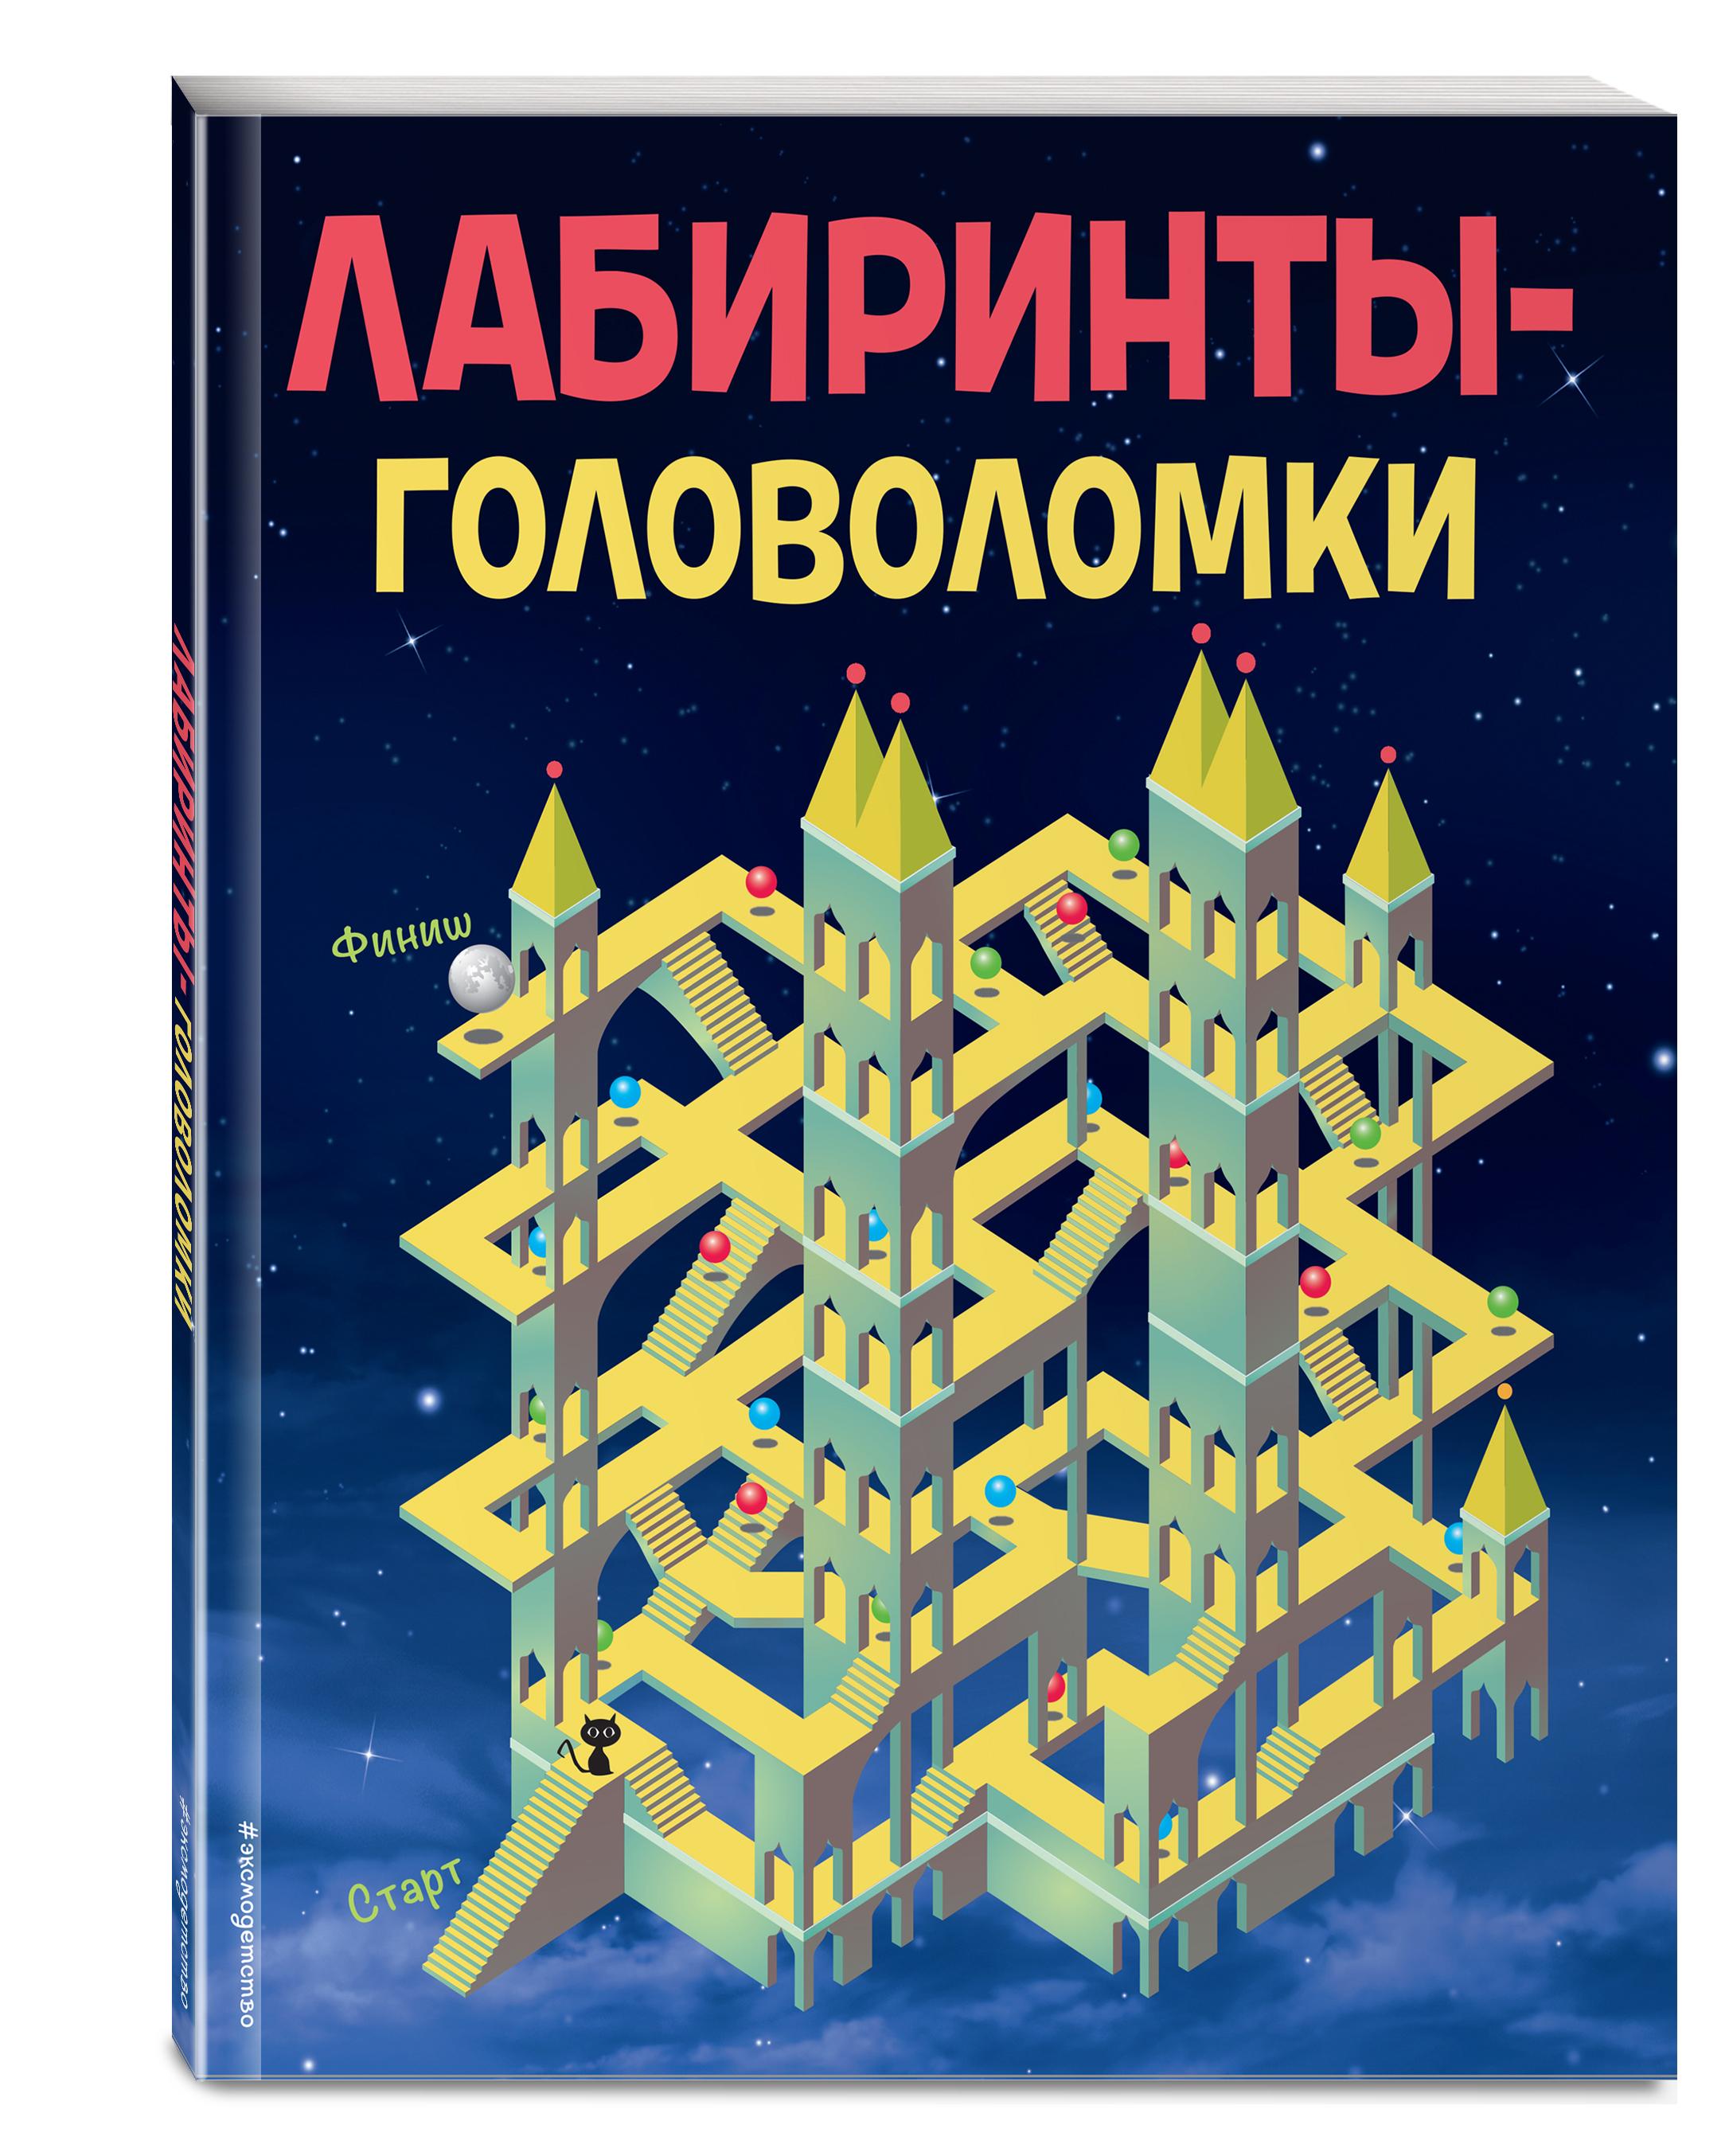 Лабиринты-головоломки ищу выход лабиринты шагалки искалки